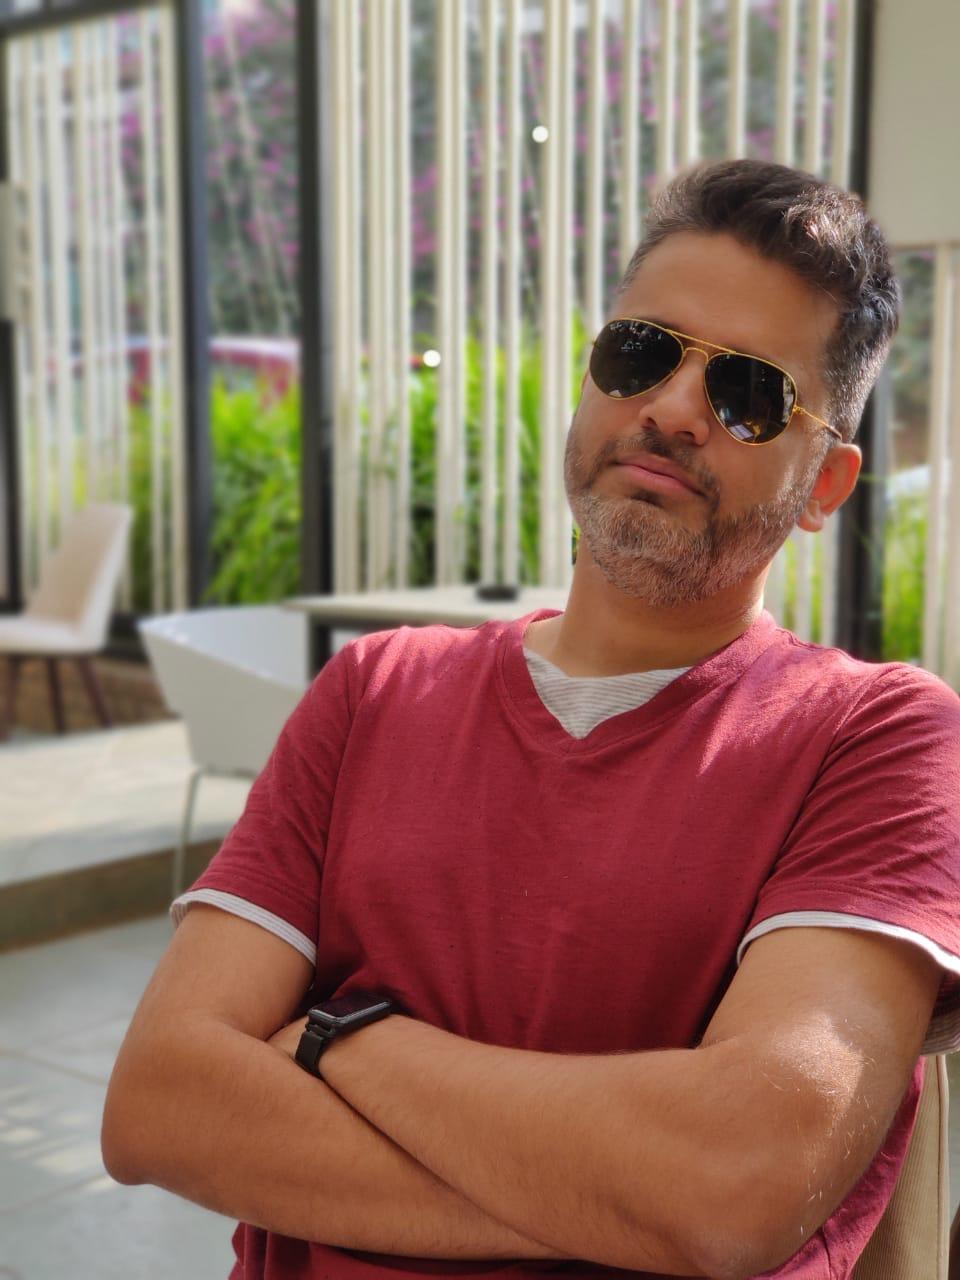 Aakarsh Vishnubhotla (@aakarsh) - Profile Photo